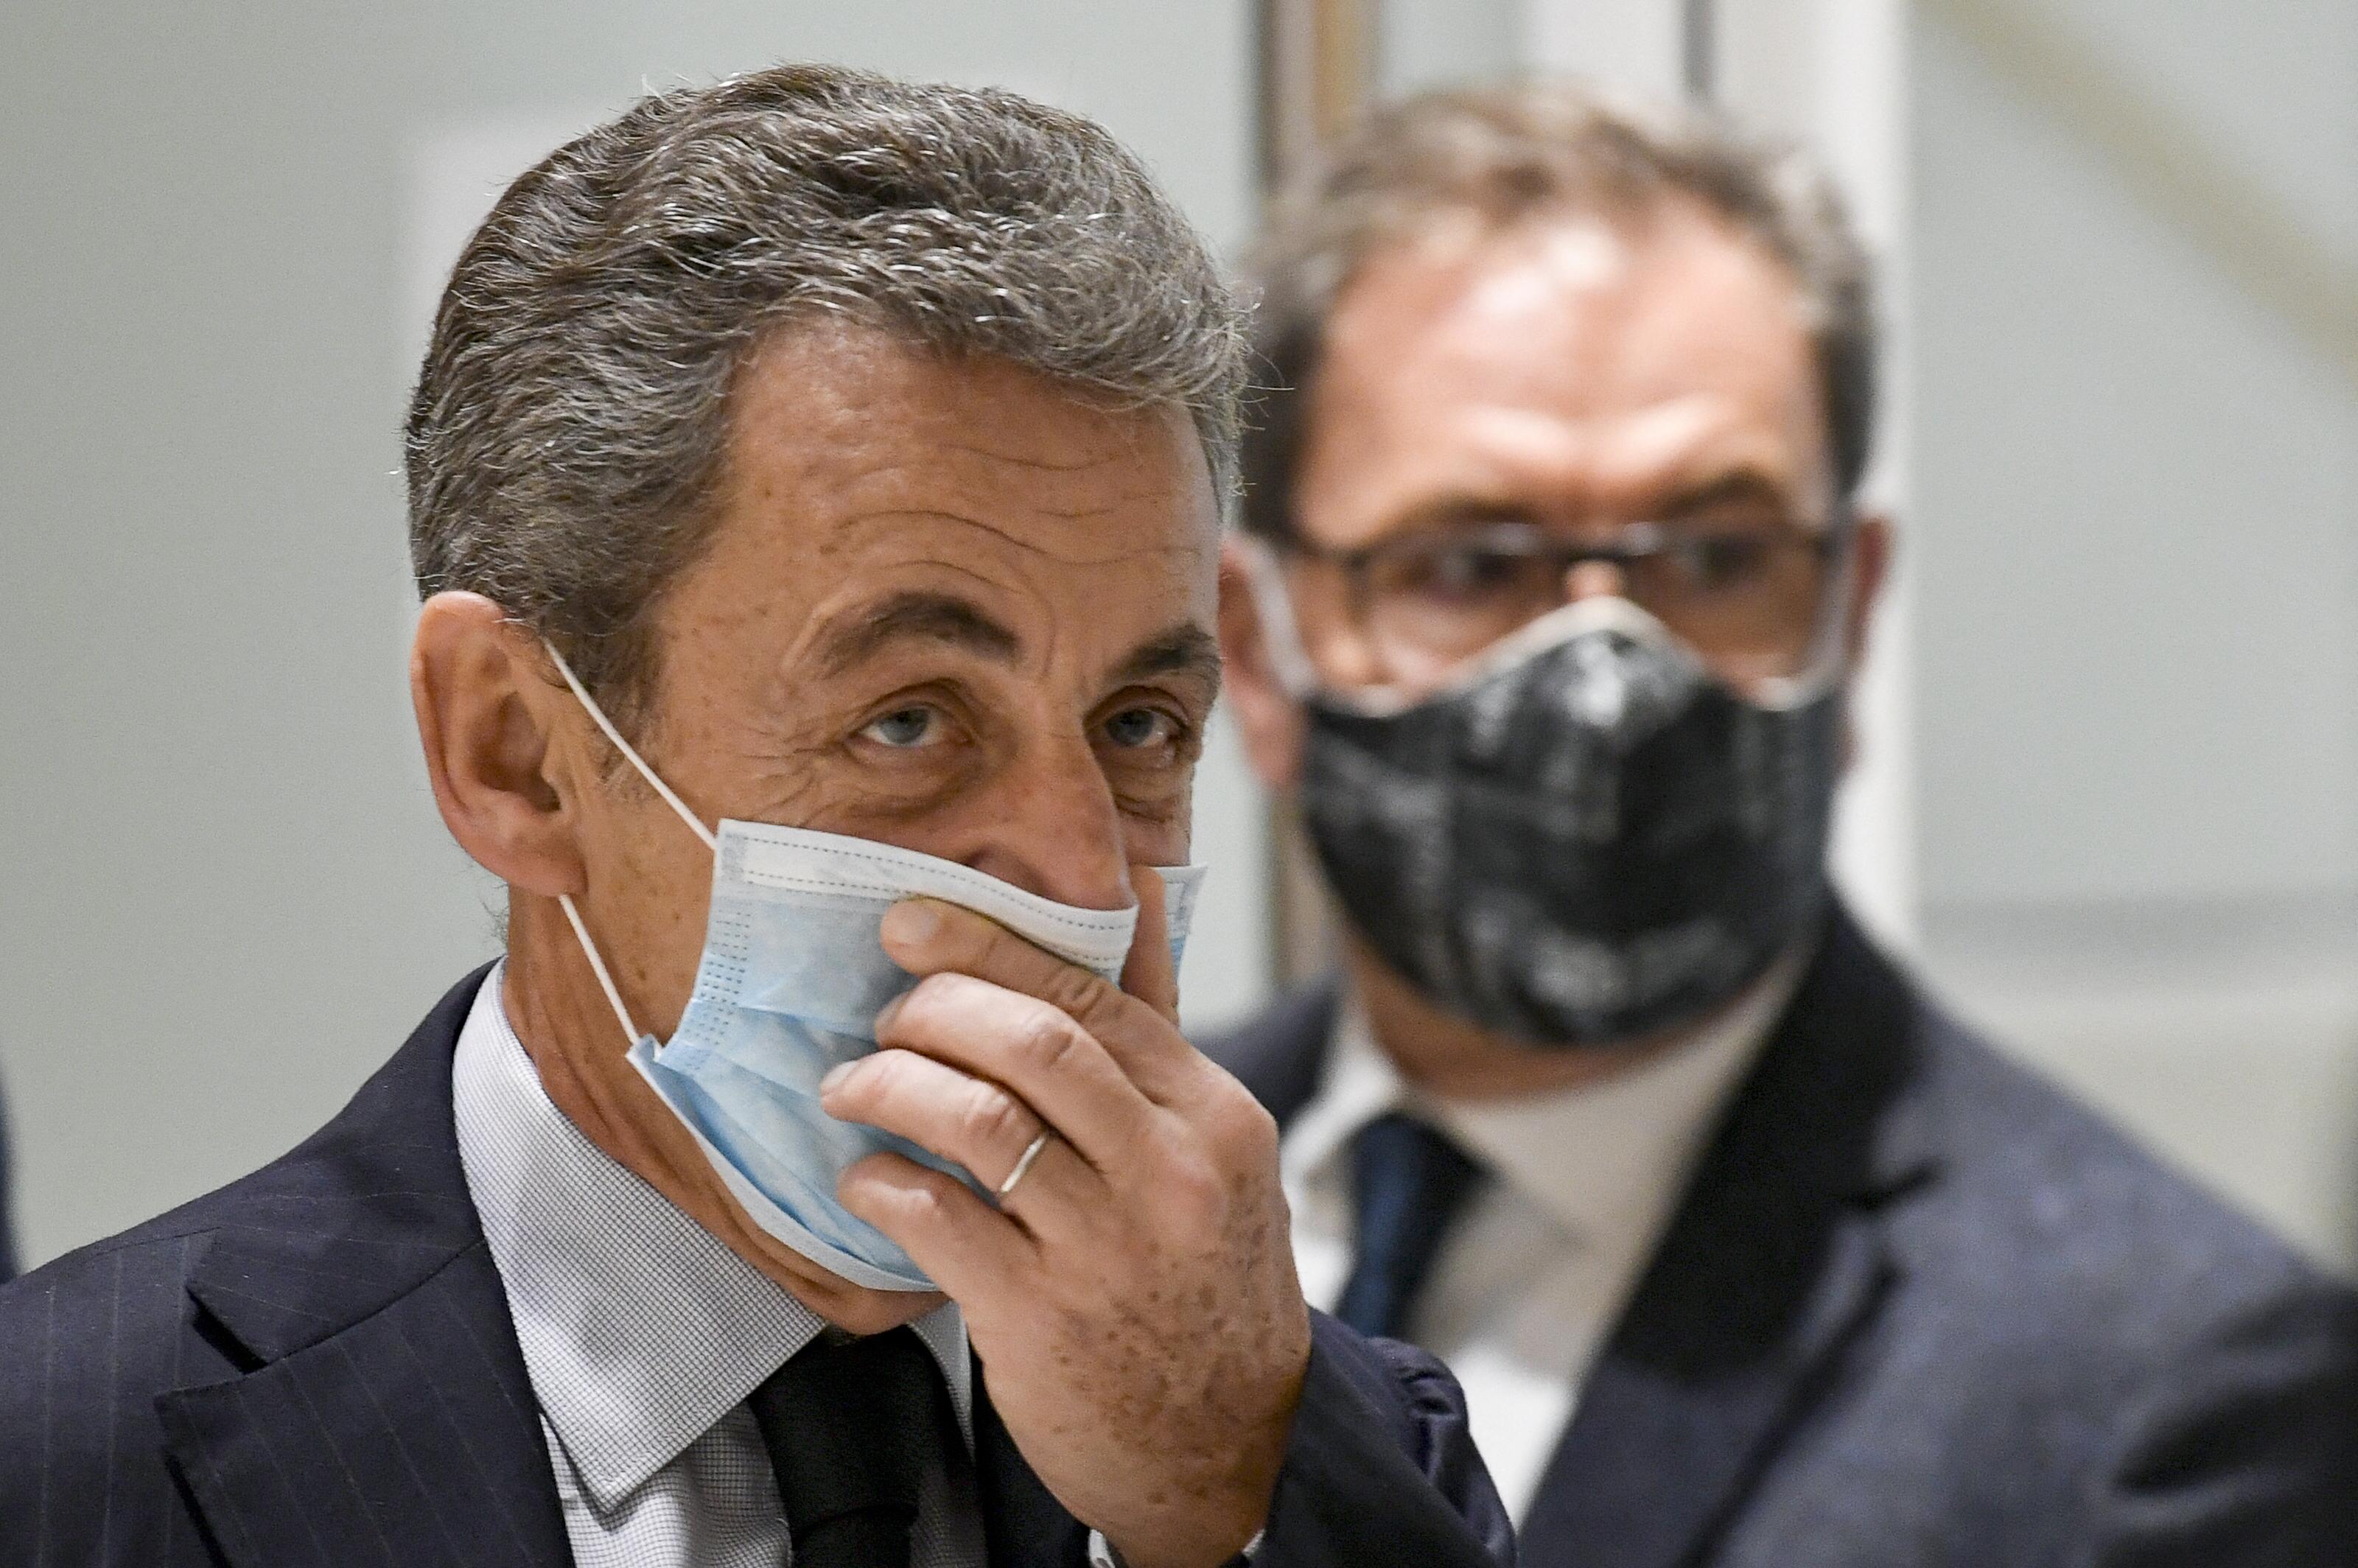 Affaire des écoutes: la décision du tribunal sur Nicolas Sarkozy aura des répercussions politiques